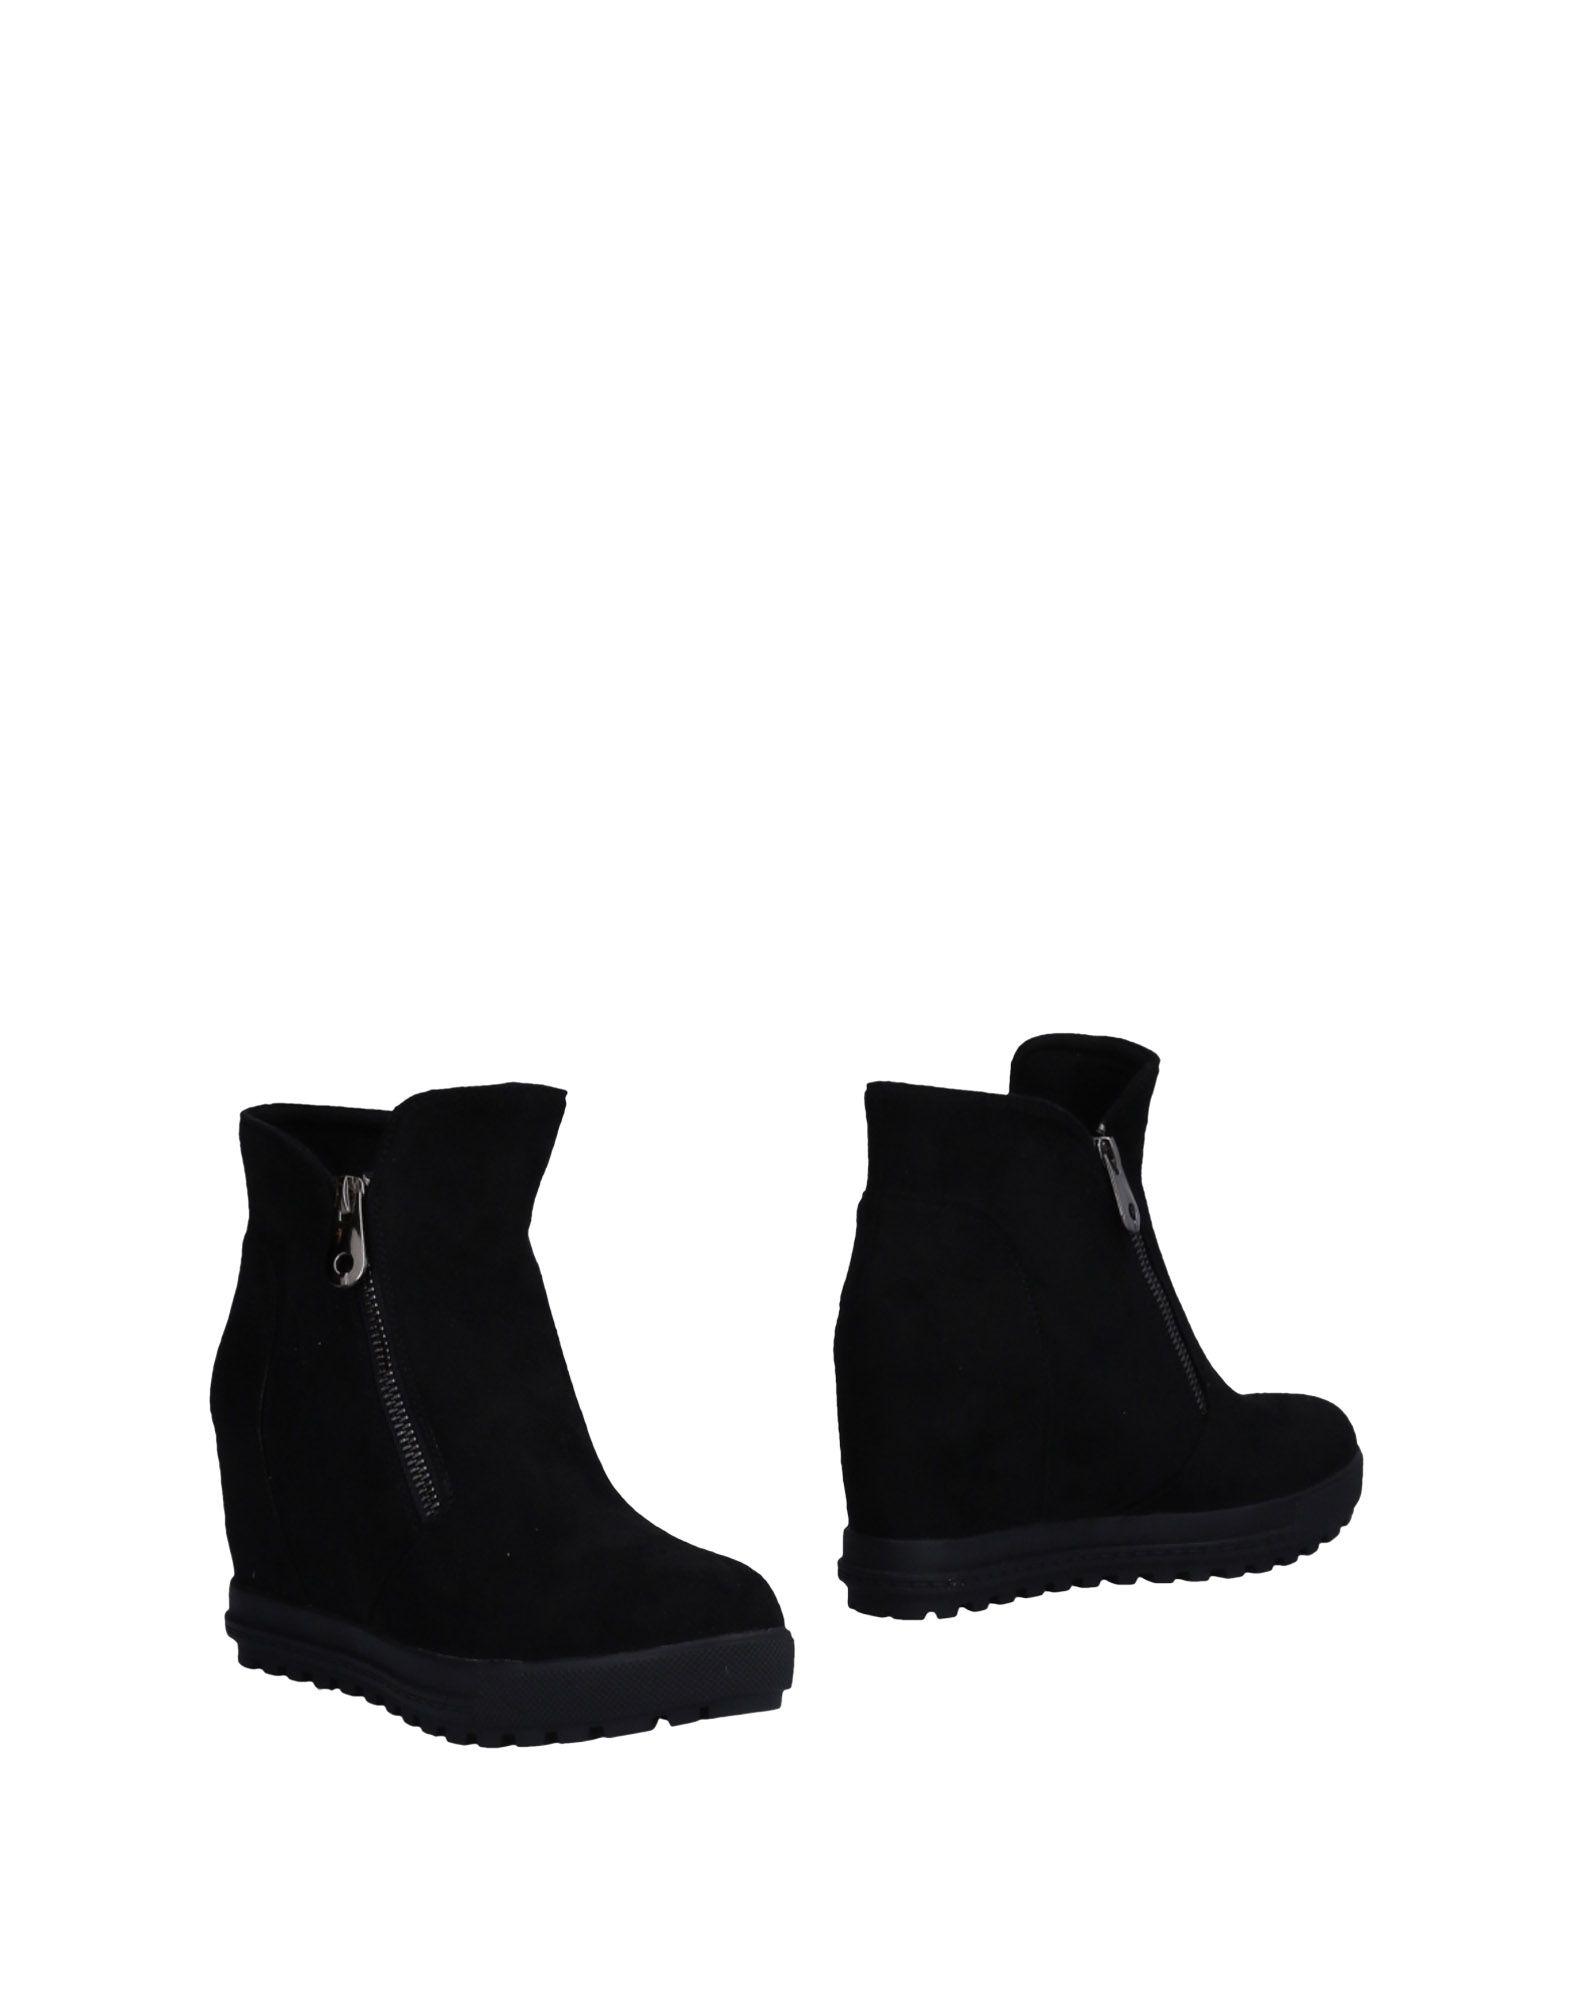 Vivien Lee Qualität Stiefelette Damen 11491604WG Gute Qualität Lee beliebte Schuhe 980e4d